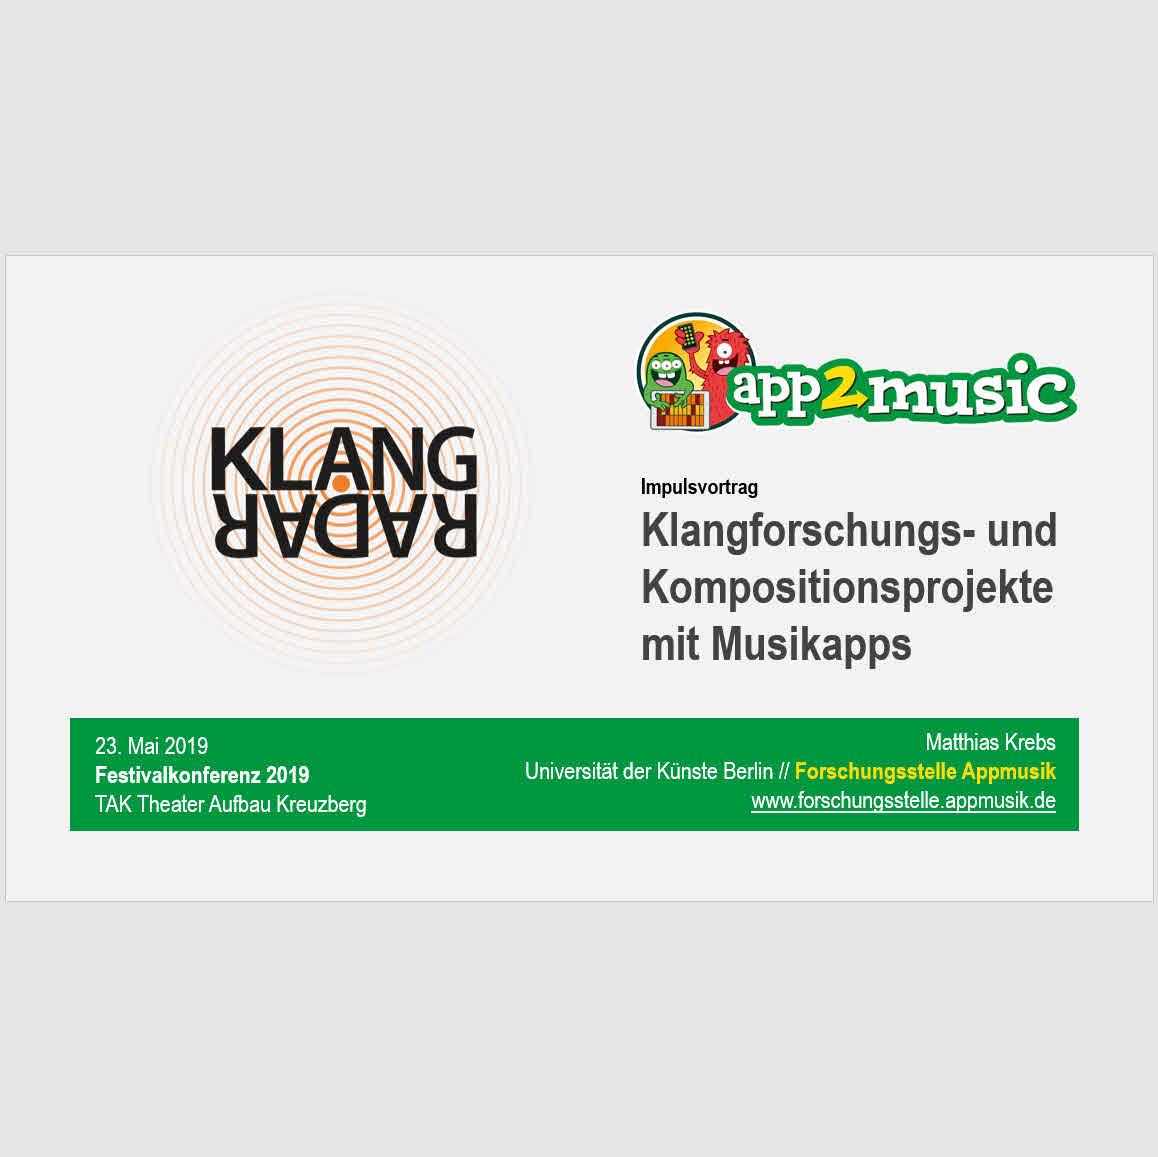 Klangforschungs- und Kompositionsprojekte mit Musikapps